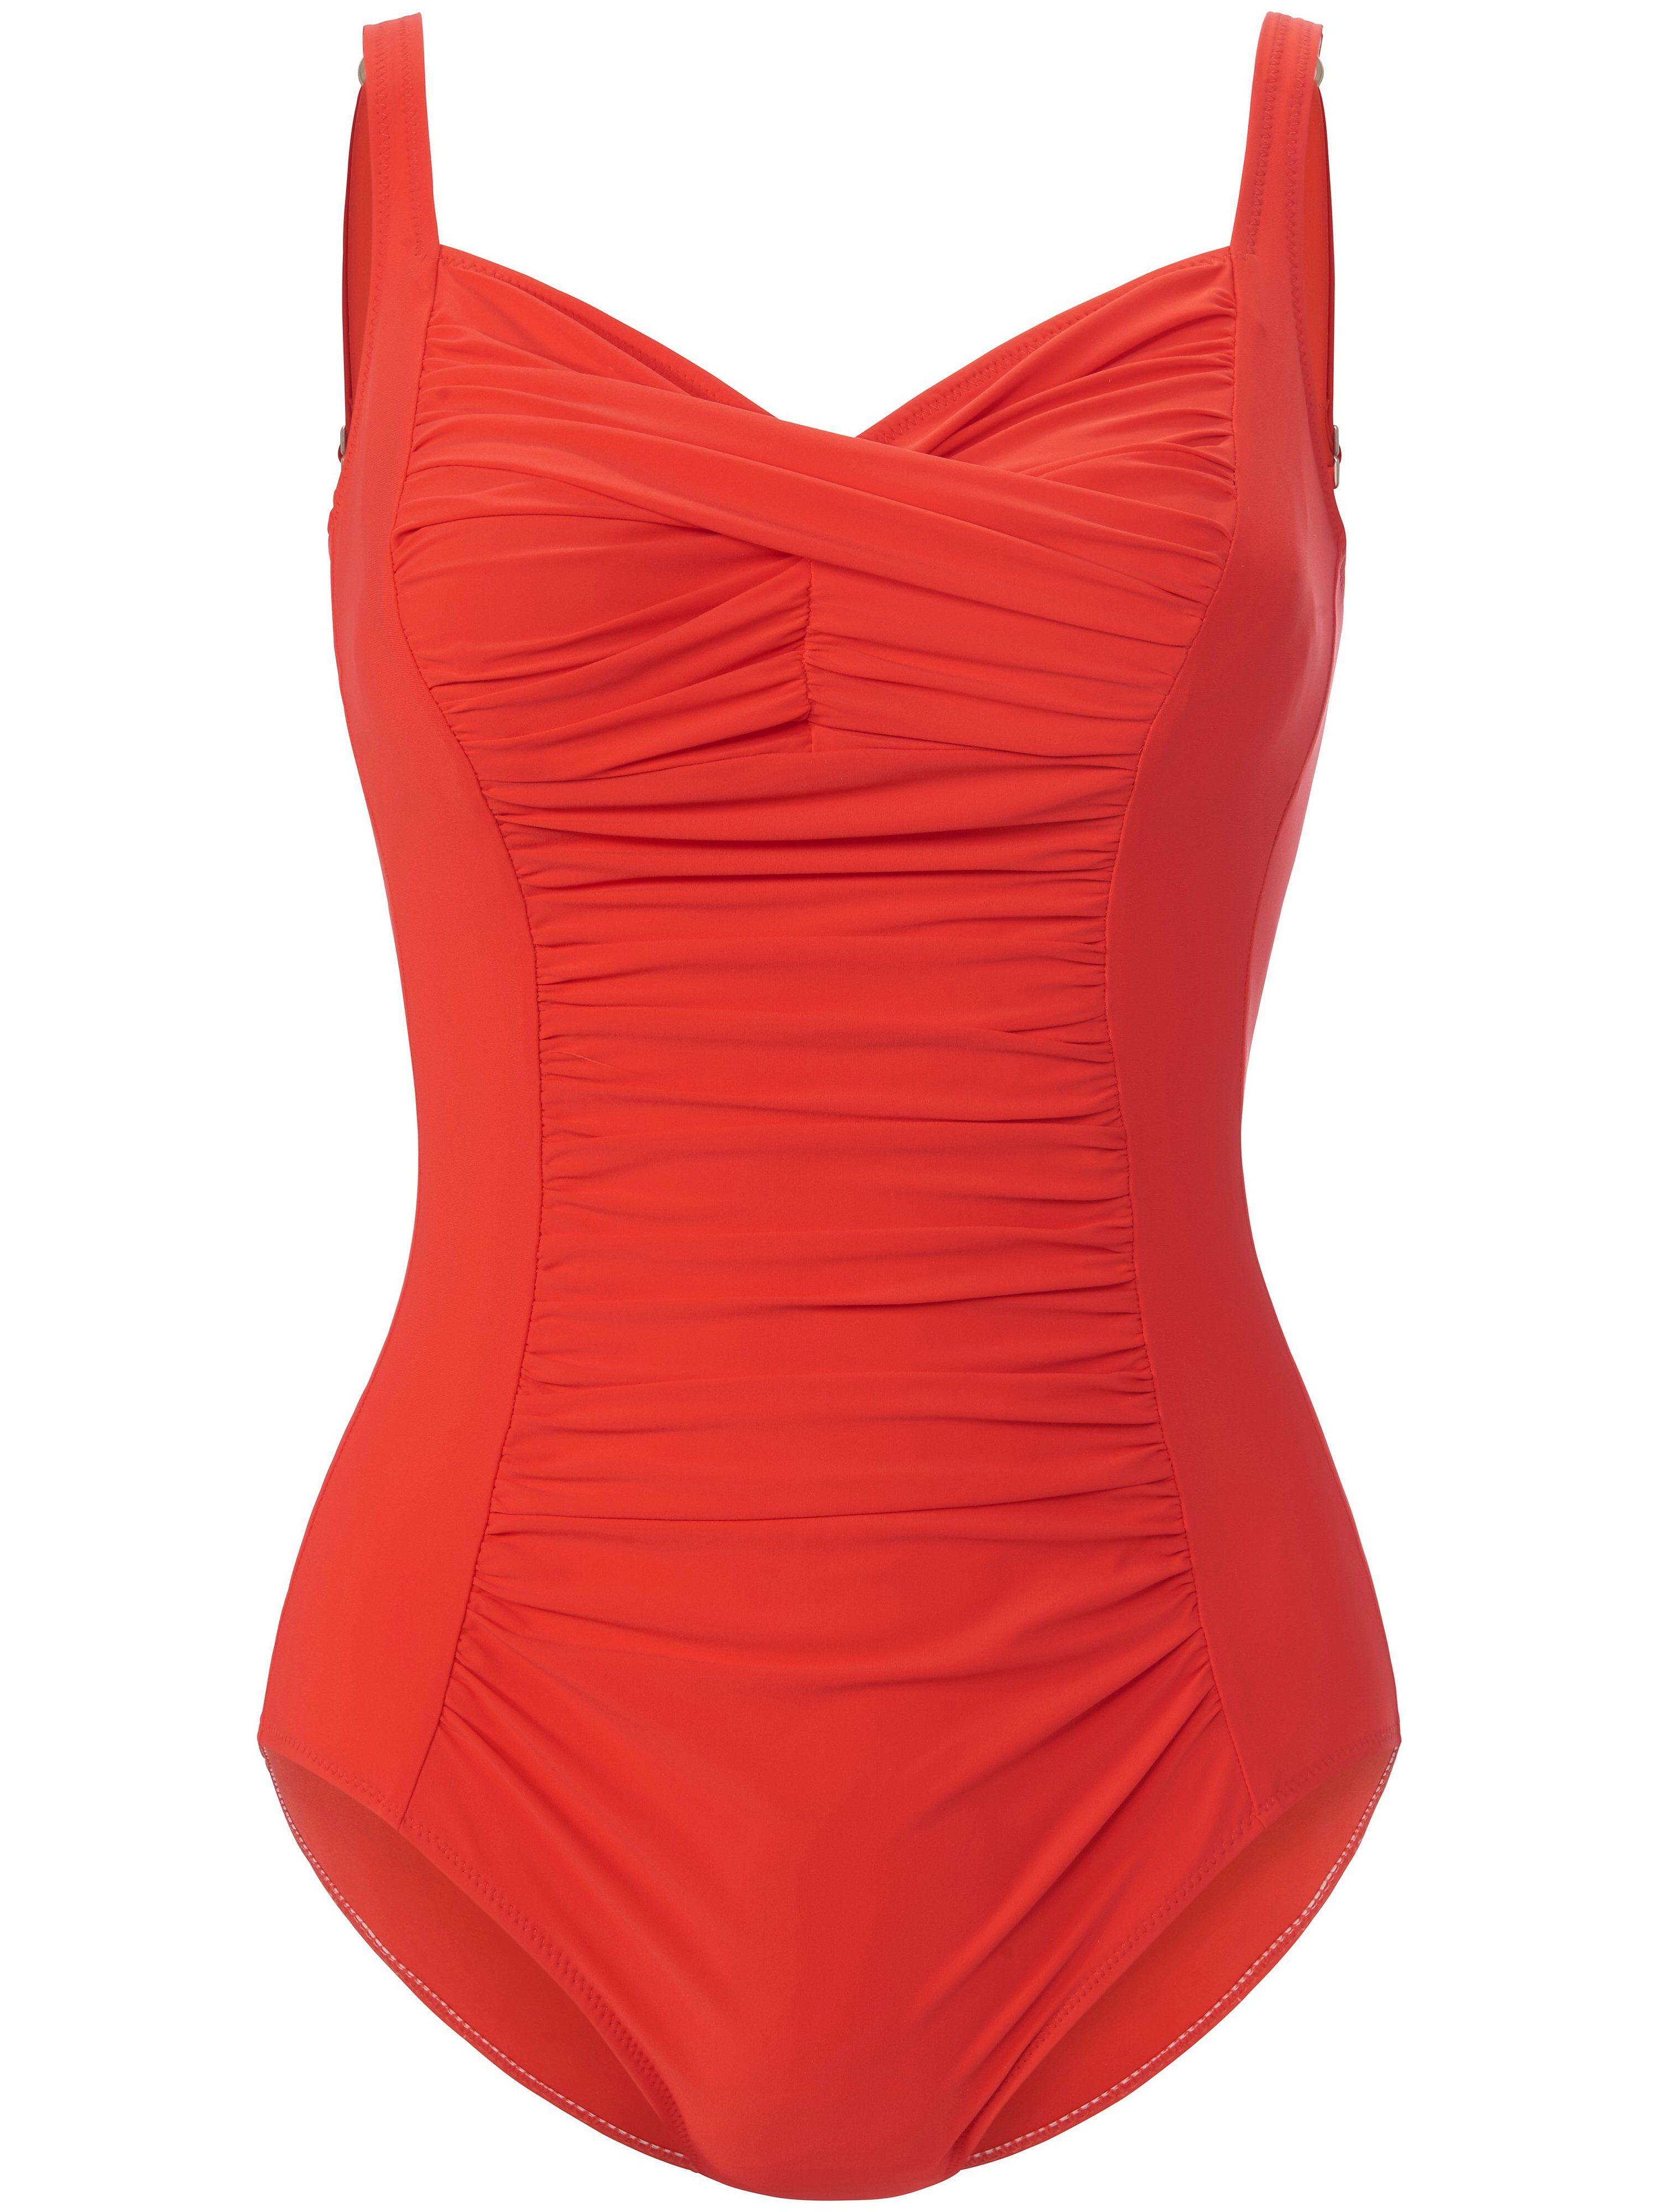 Anita Le maillot bain décolleté V  Anita rouge  - Femme - 48